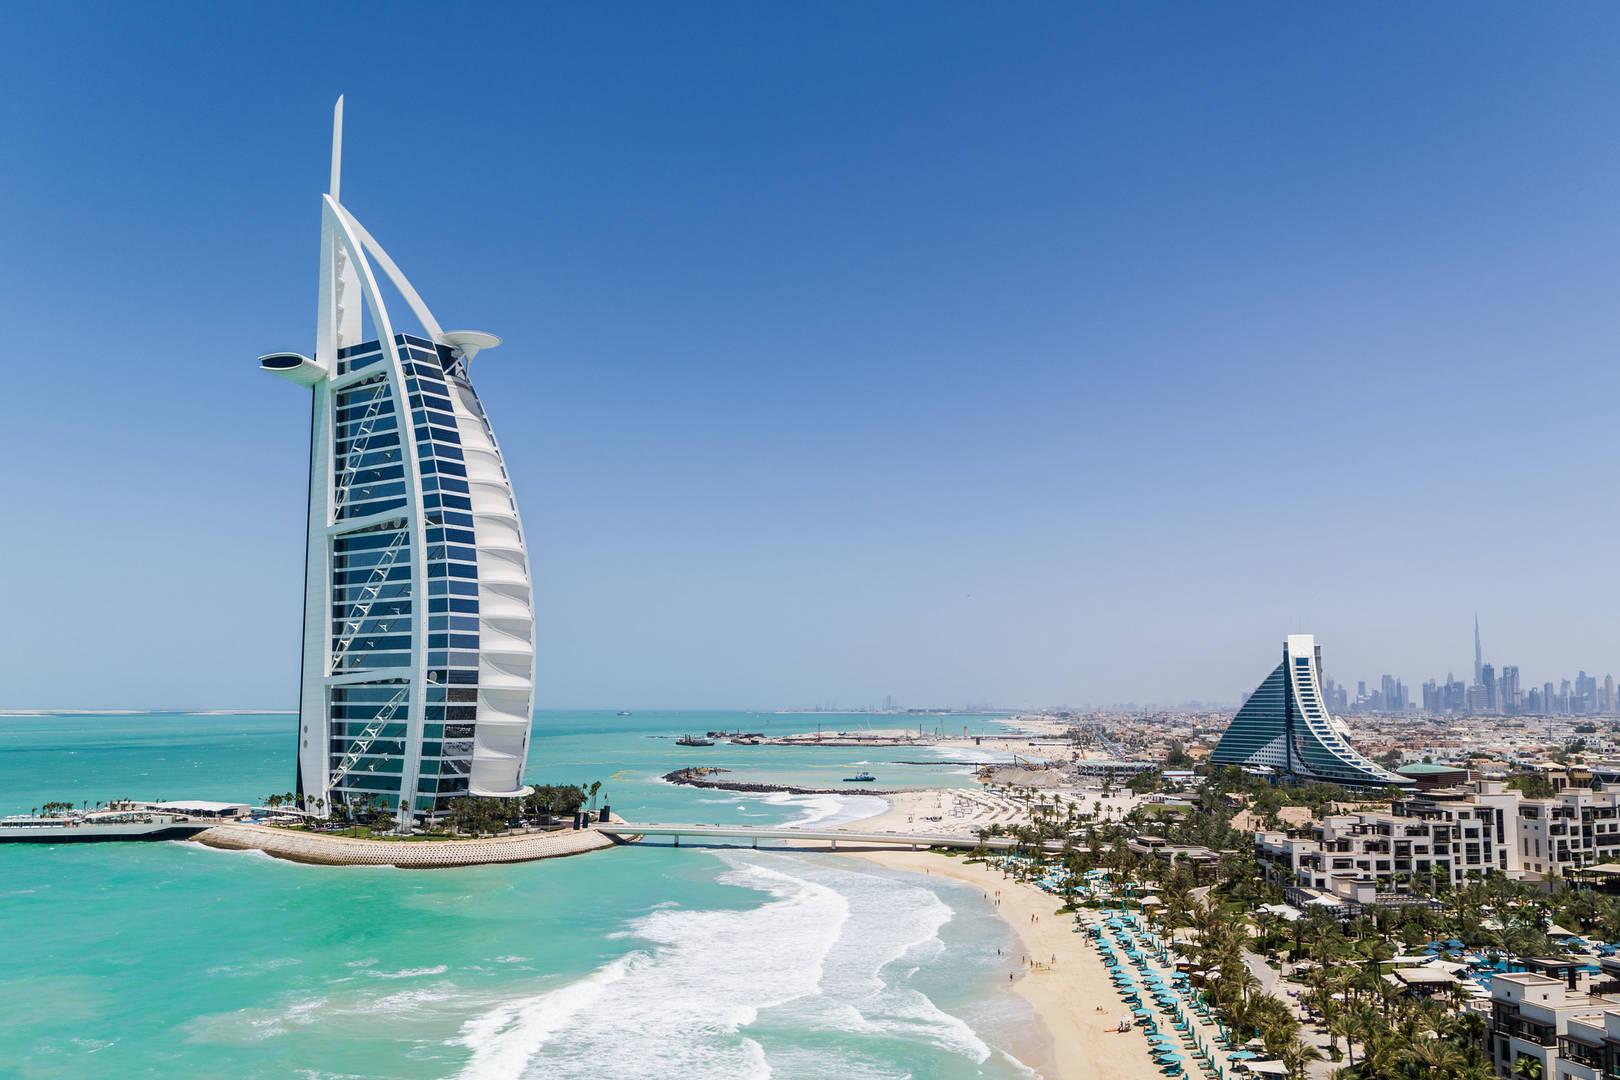 Burj Al Arab Jumeirah Jumeirah Beach Hotel Jumeirah Al Naseem Private Beach Drone